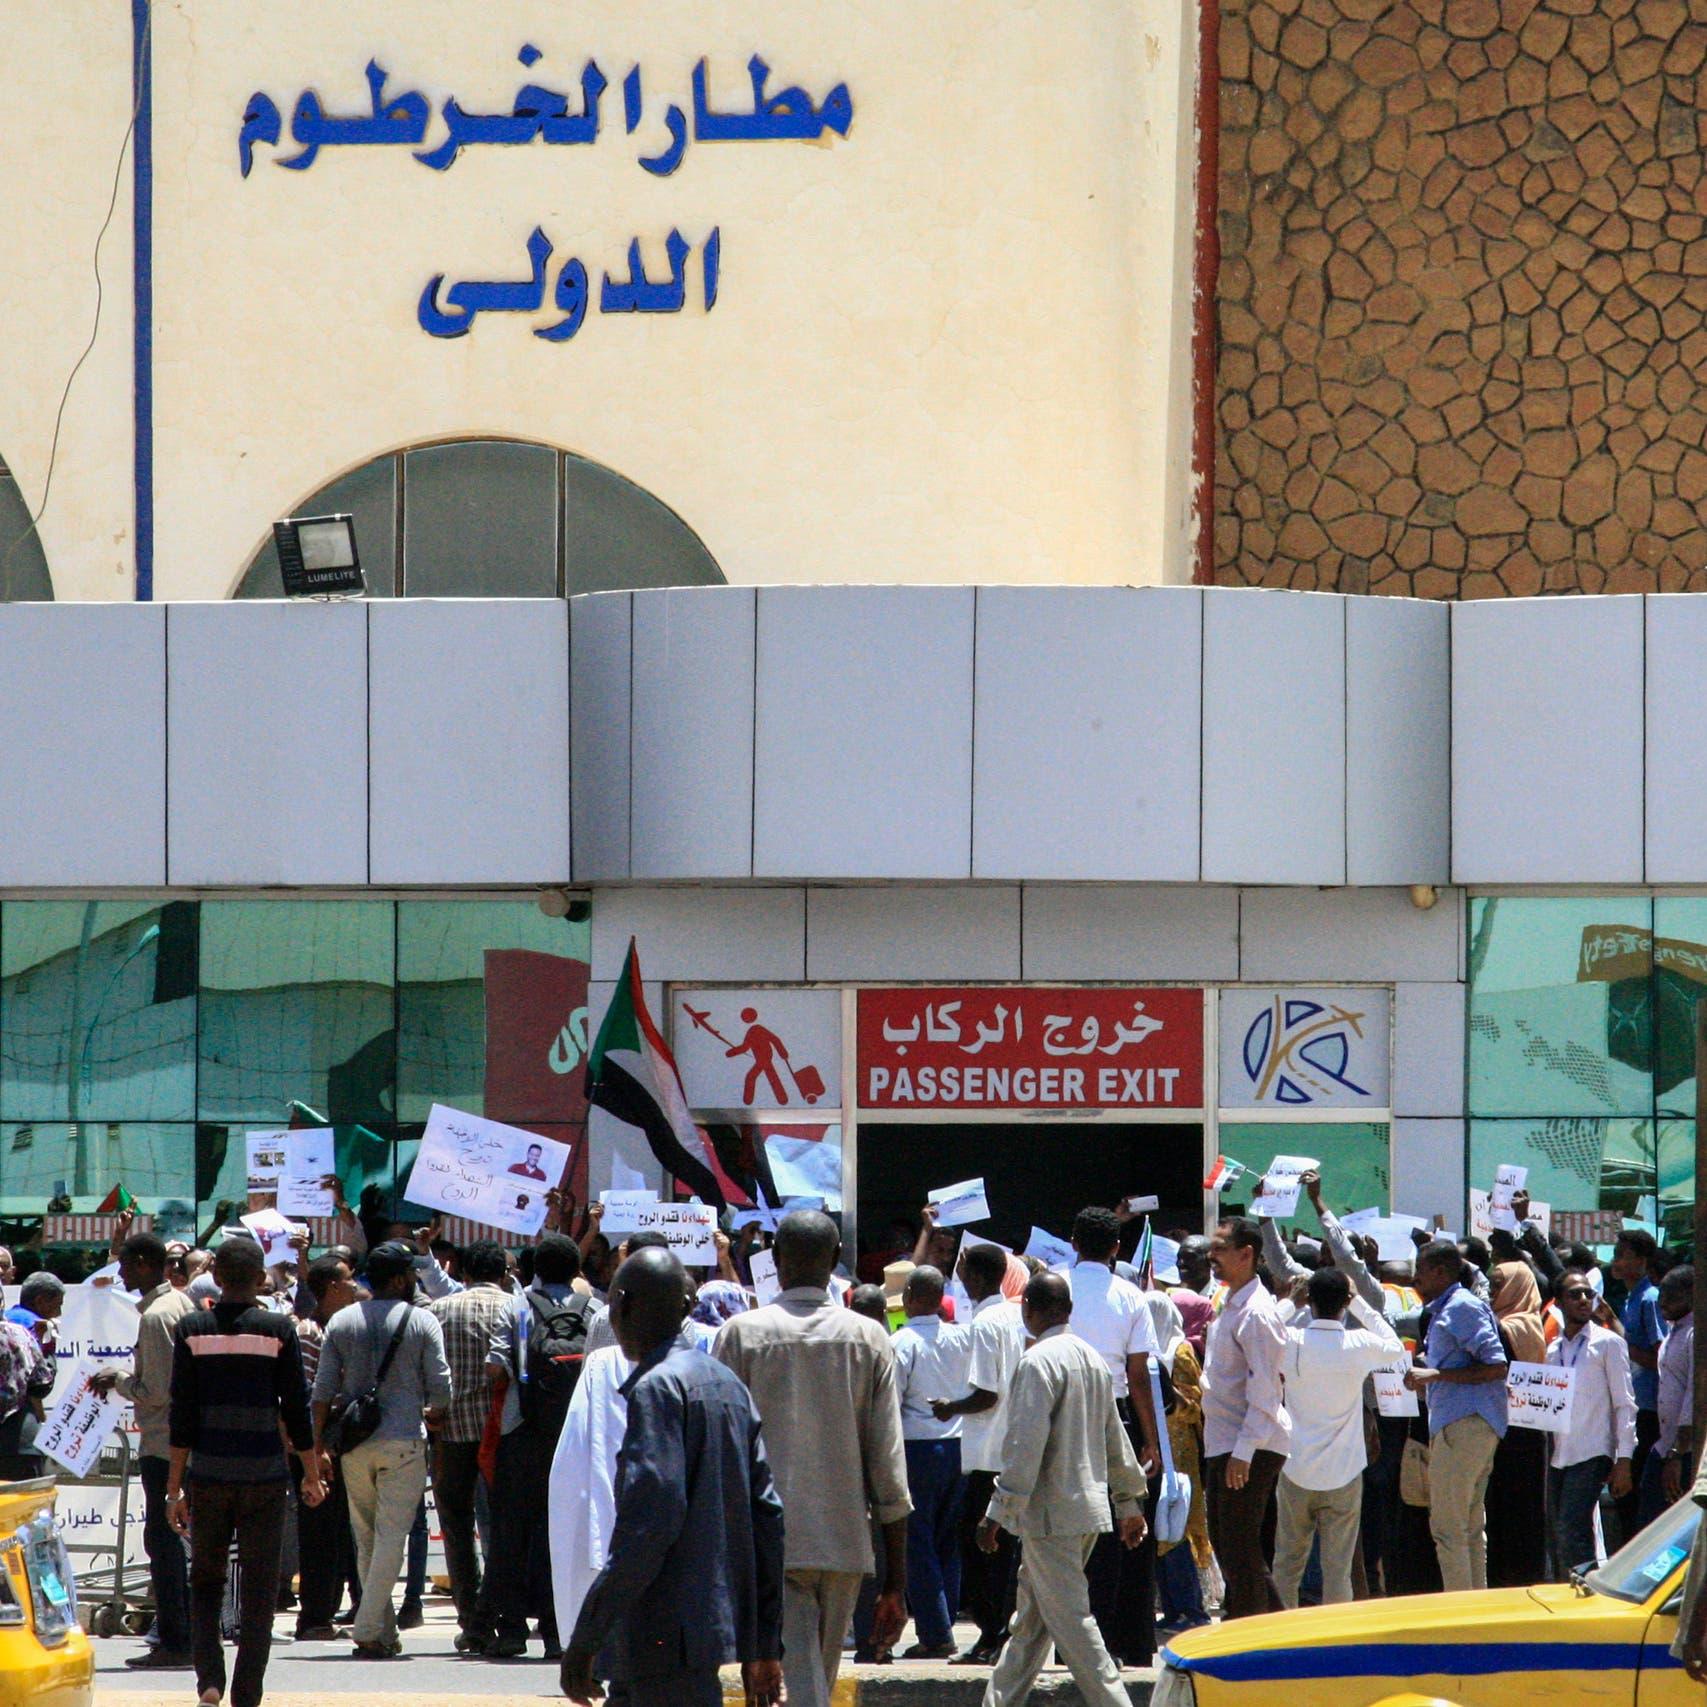 مخابرات السودان: لا صحة للأنباء المتداولة حول منع أعضاء لجنة إزالة التمكين من السفر